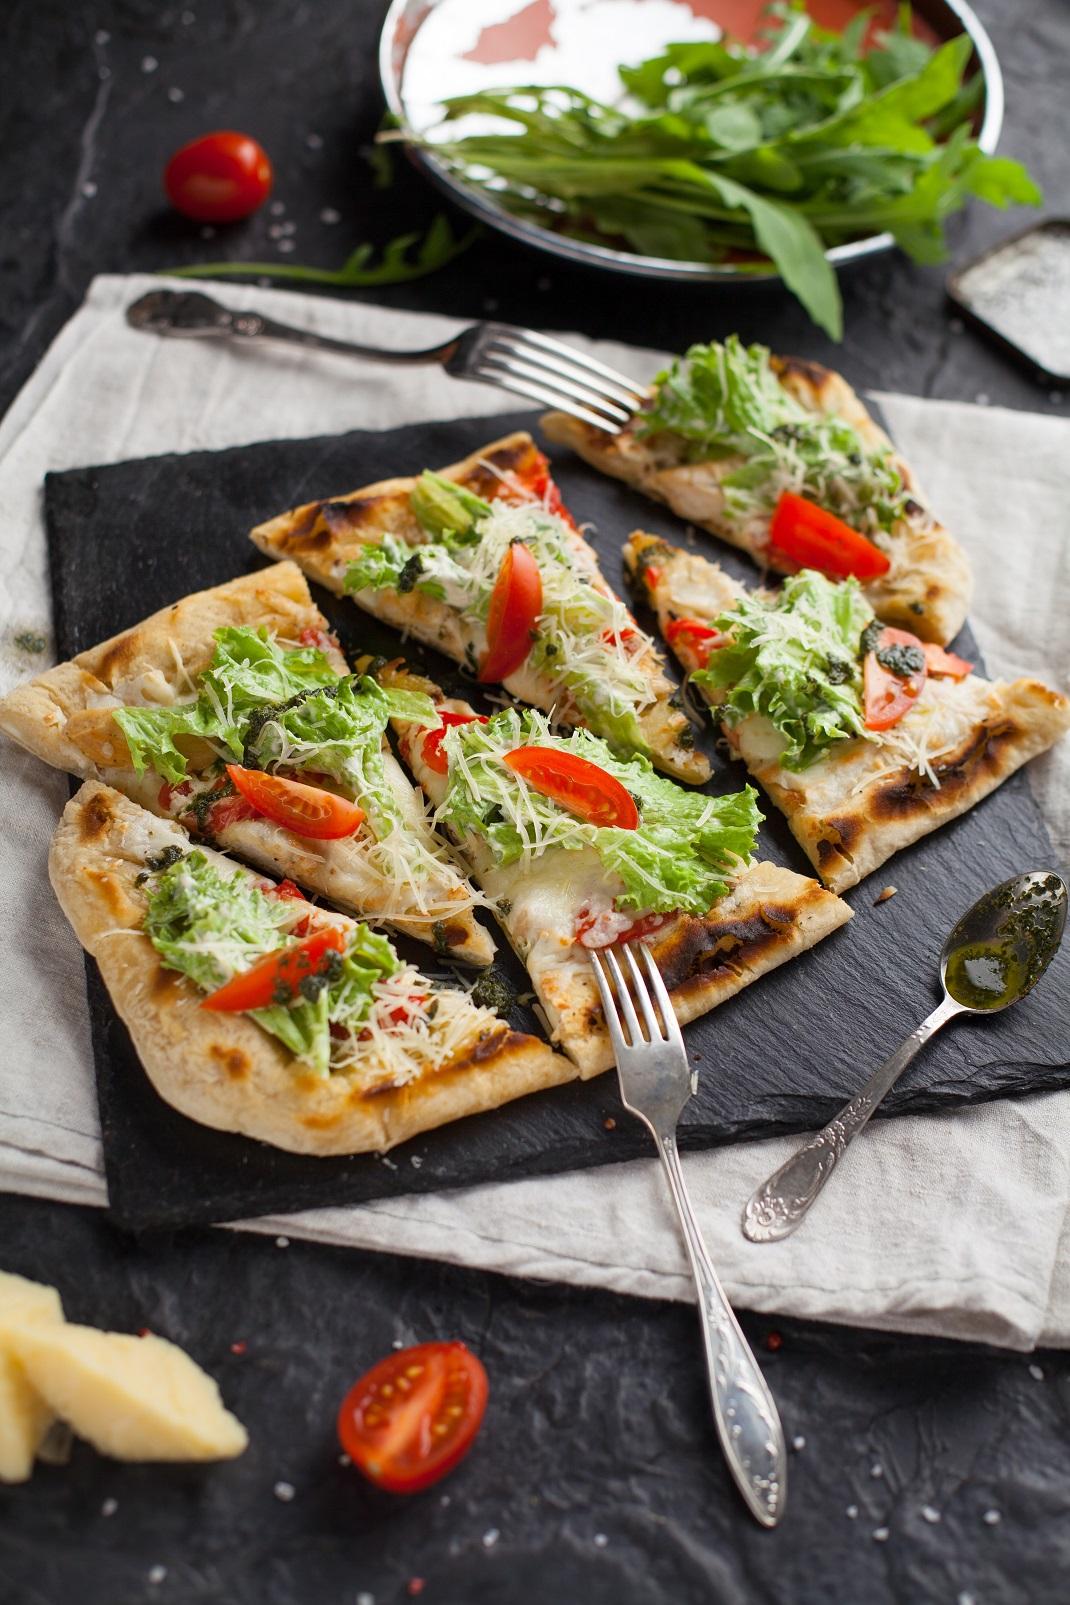 Πίτσα σε μαύρη ξύλινη επιφάνεις με κουτάλια και πιρούνια